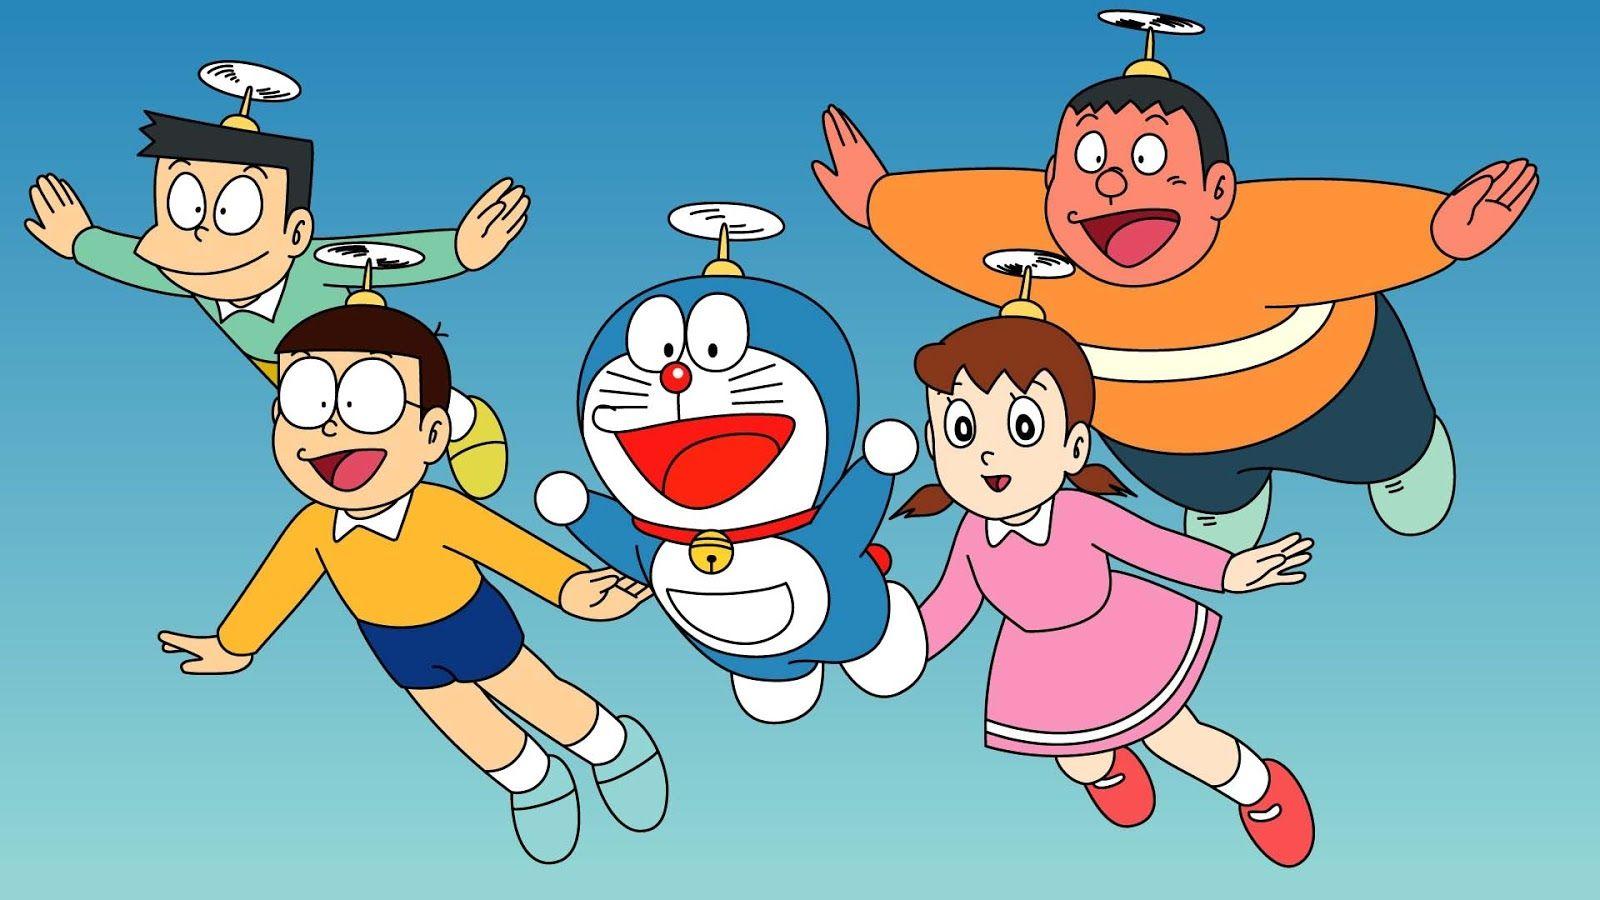 Gambar Doraemon Lucu Dan Imut Buat Wallpaper 30 Koleksi Gambar Wallpaper Doraemon Lucu Dan Imut 25 Tem In 2020 Doraemon Cartoon Doraemon Wallpapers Cartoon Wallpaper